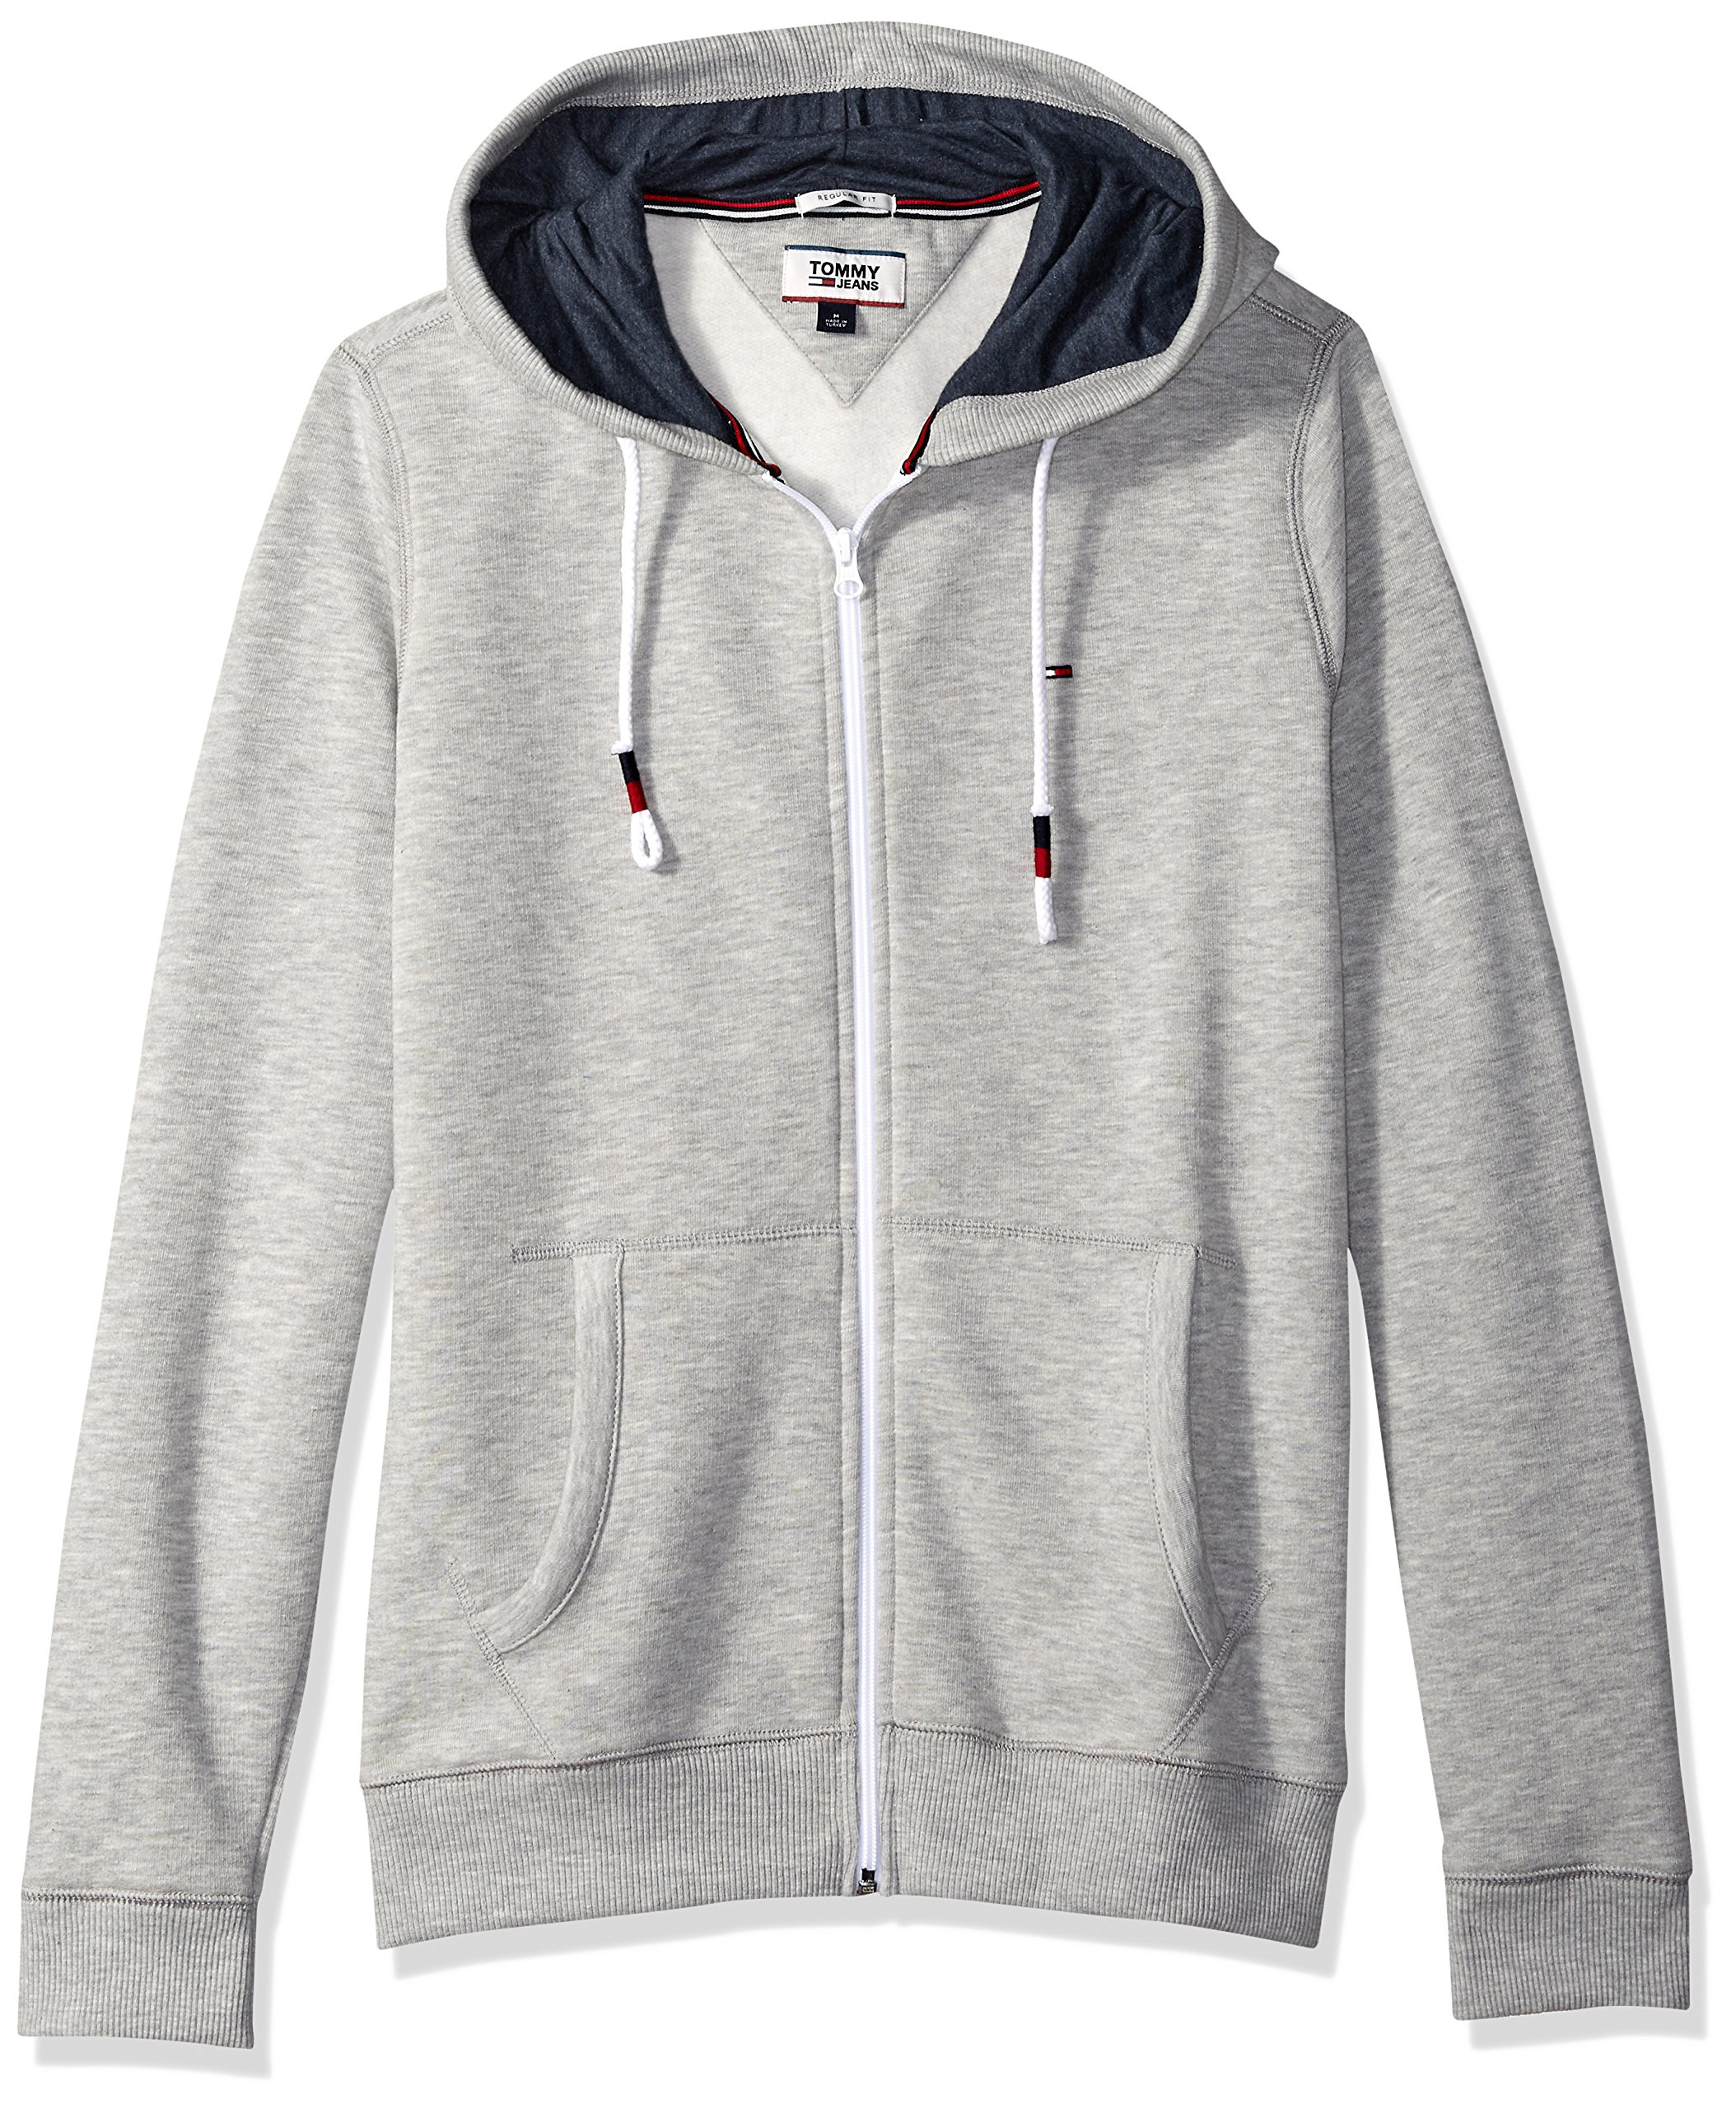 Tommy Jeans Men's Hoodie Full Zip up Sweatshirt, Light Grey Heather, Medium